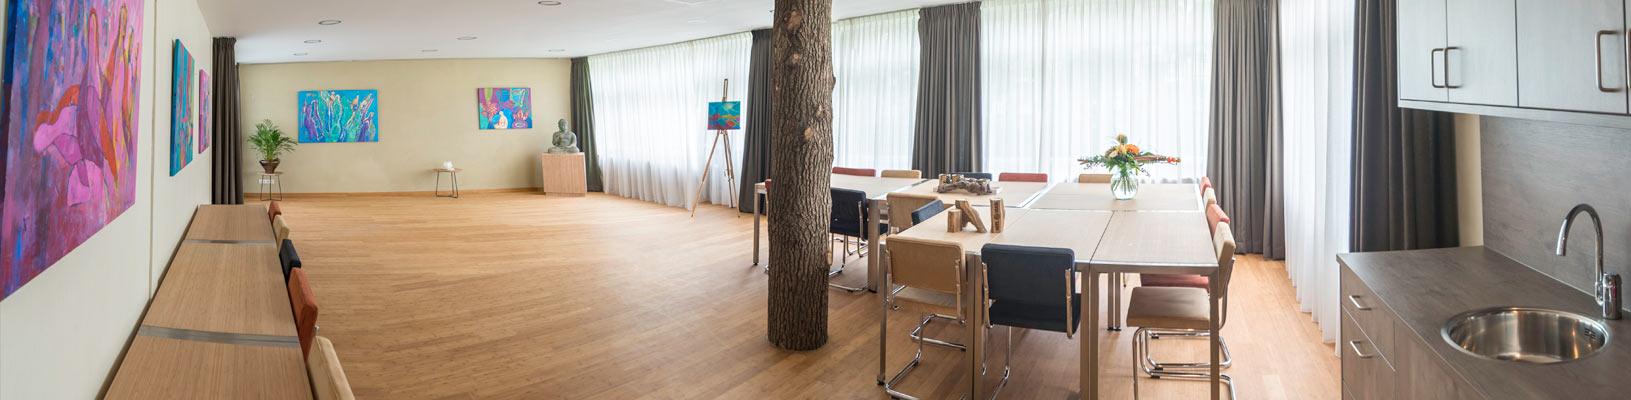 Verdiepingsdag Energie & Bewustzijn HeelHuus Gezondheidscentrum Warnsveld Zutphen